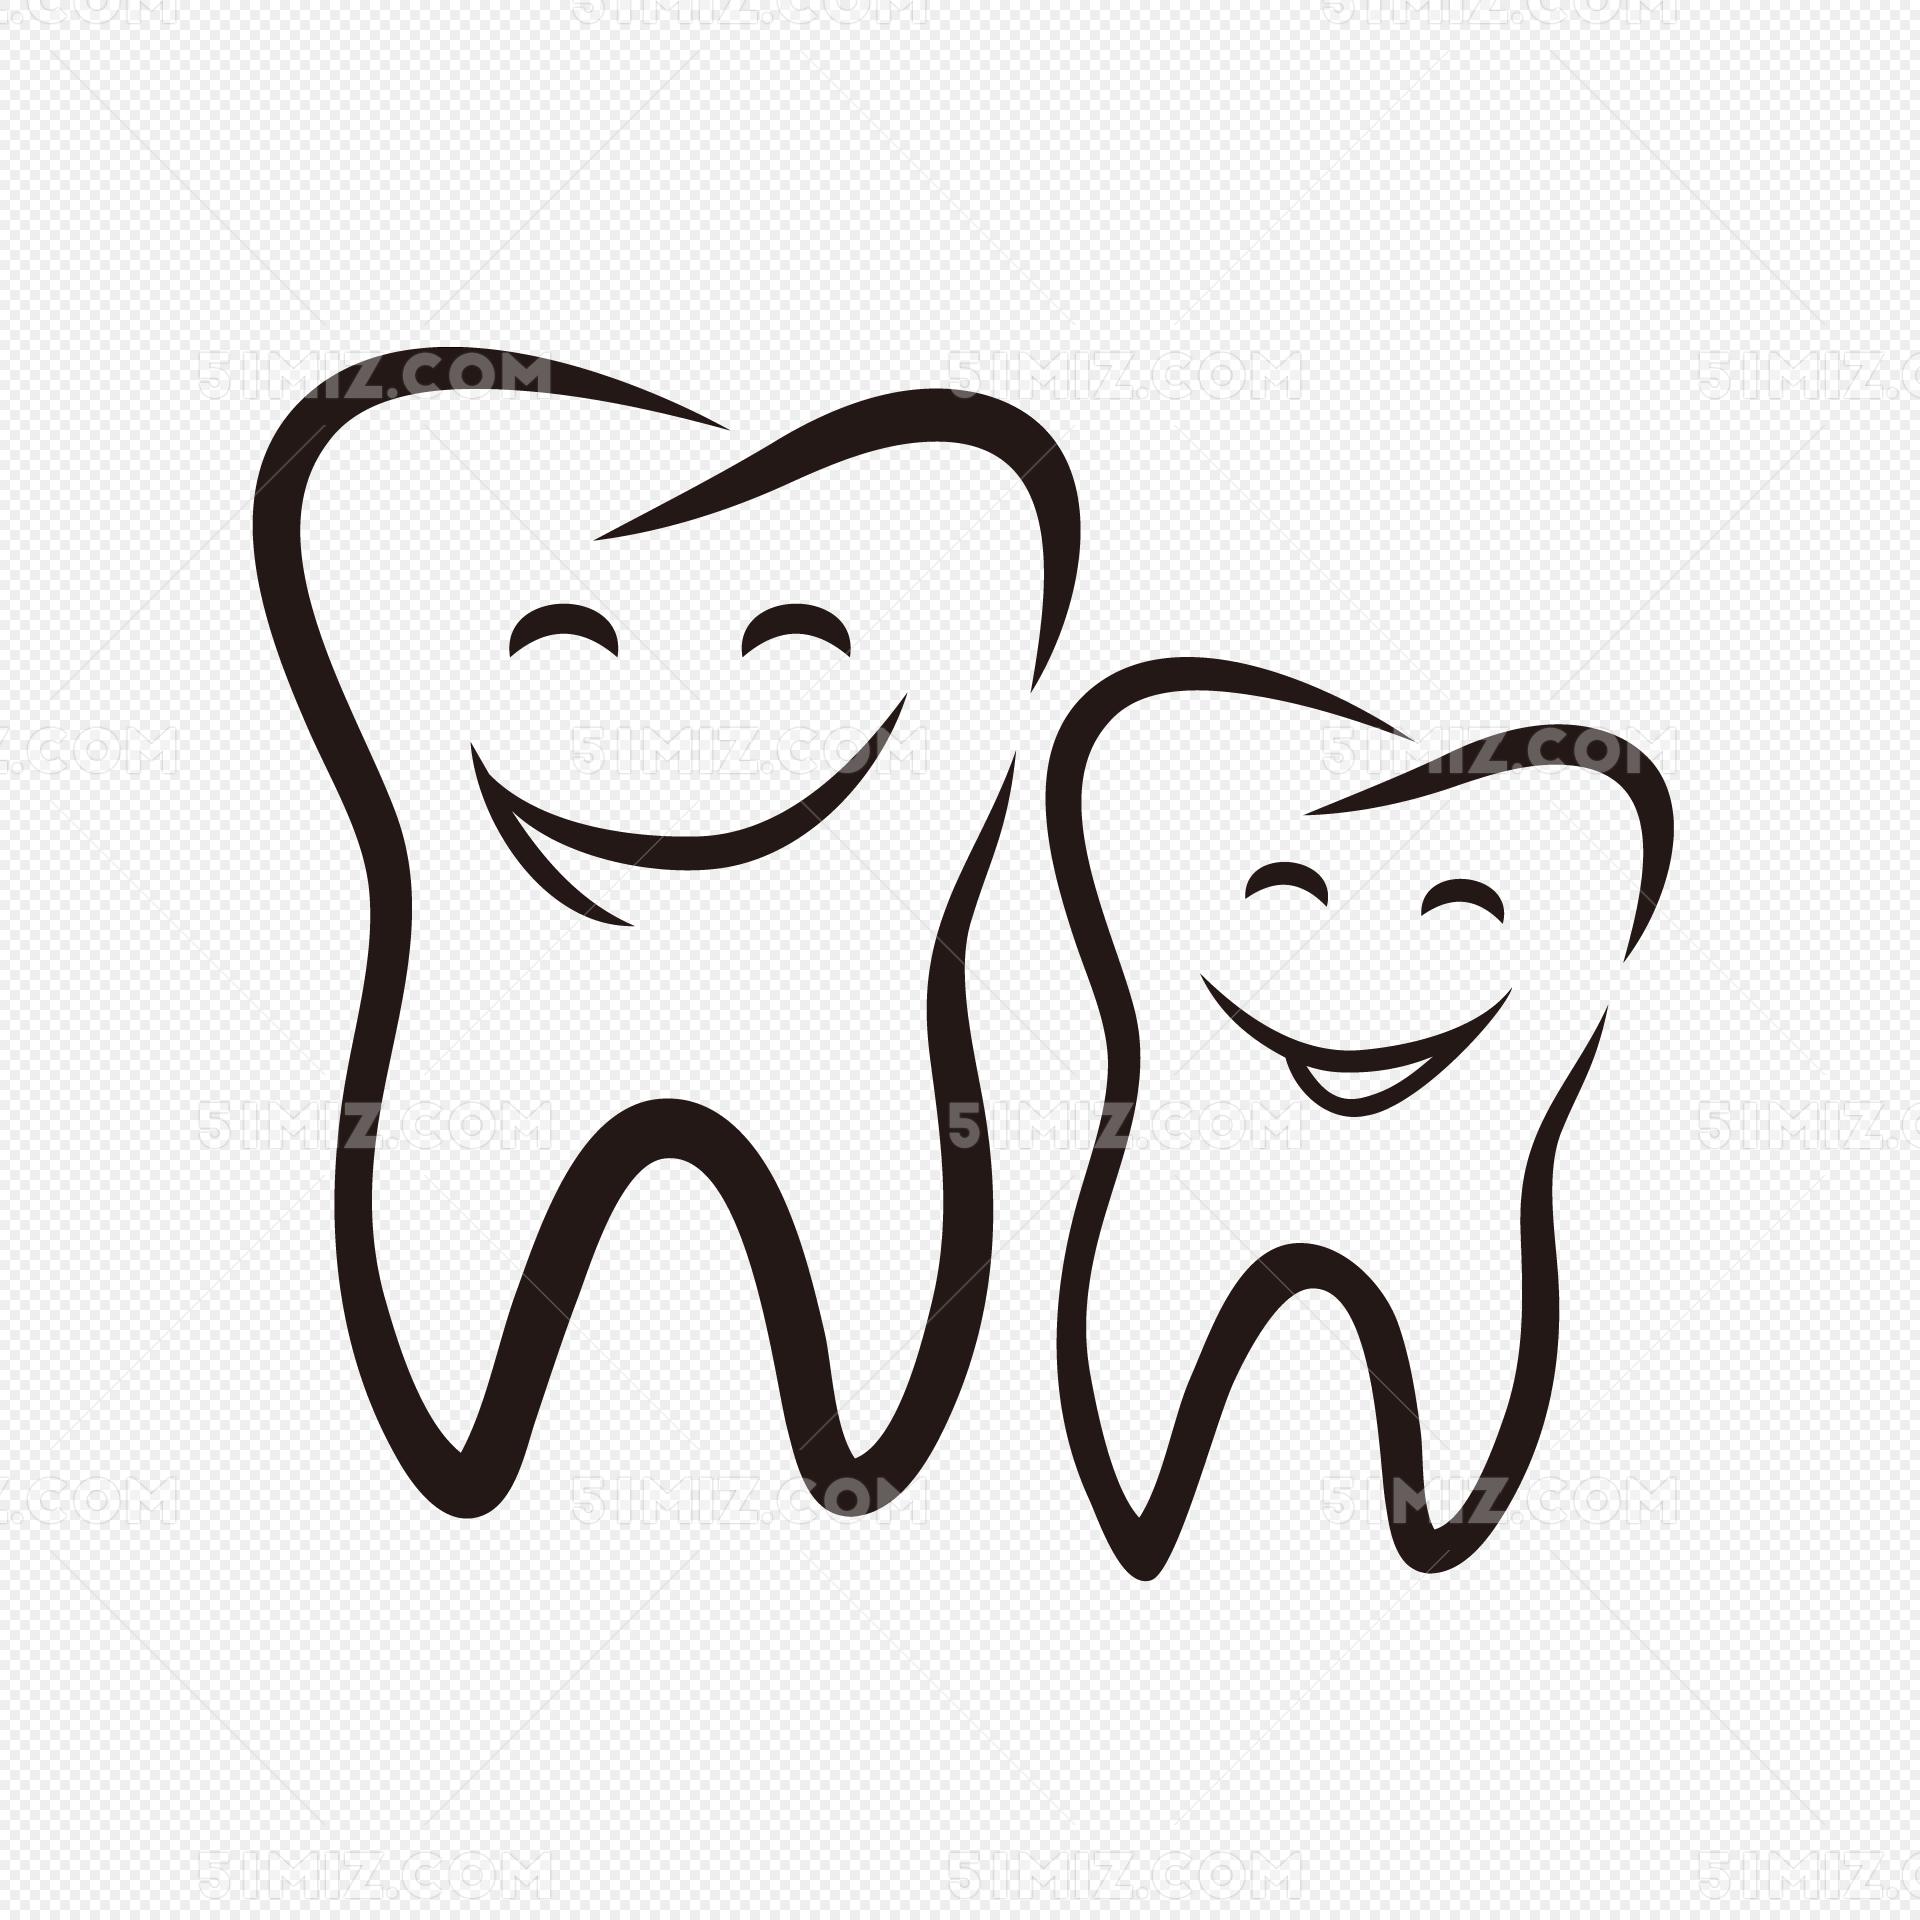 手绘可爱卡通笑脸牙齿图片